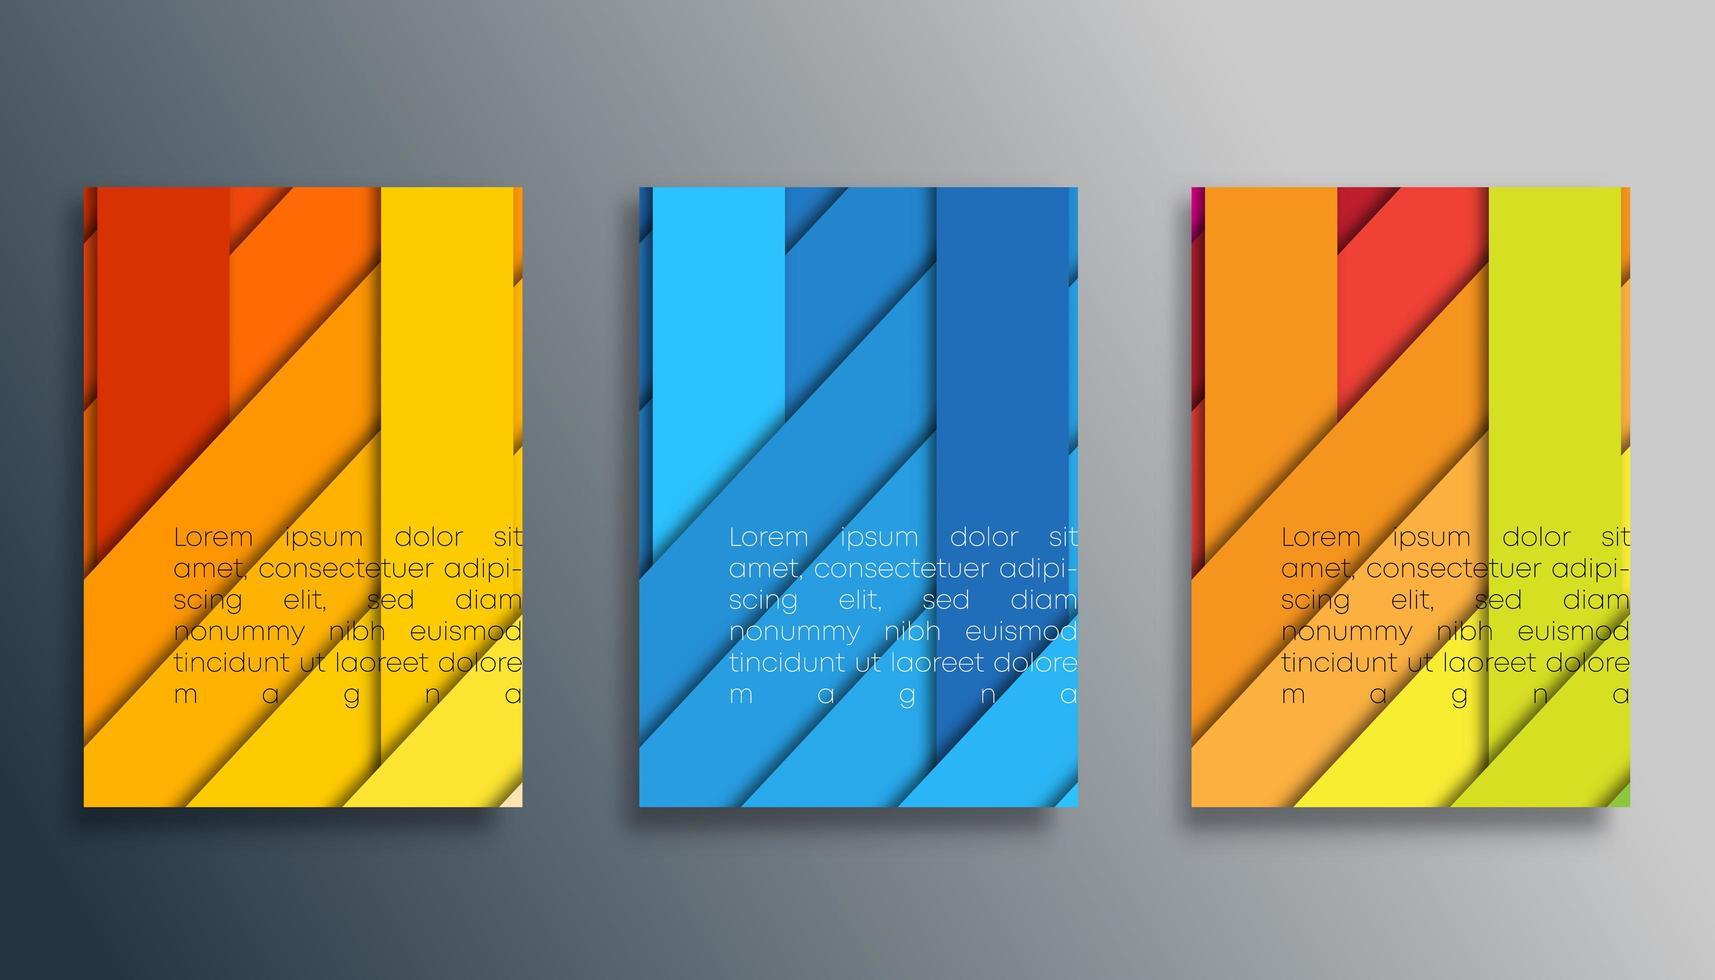 farbiges 3d gestreiftes Abdeckungsschablonenset vektor